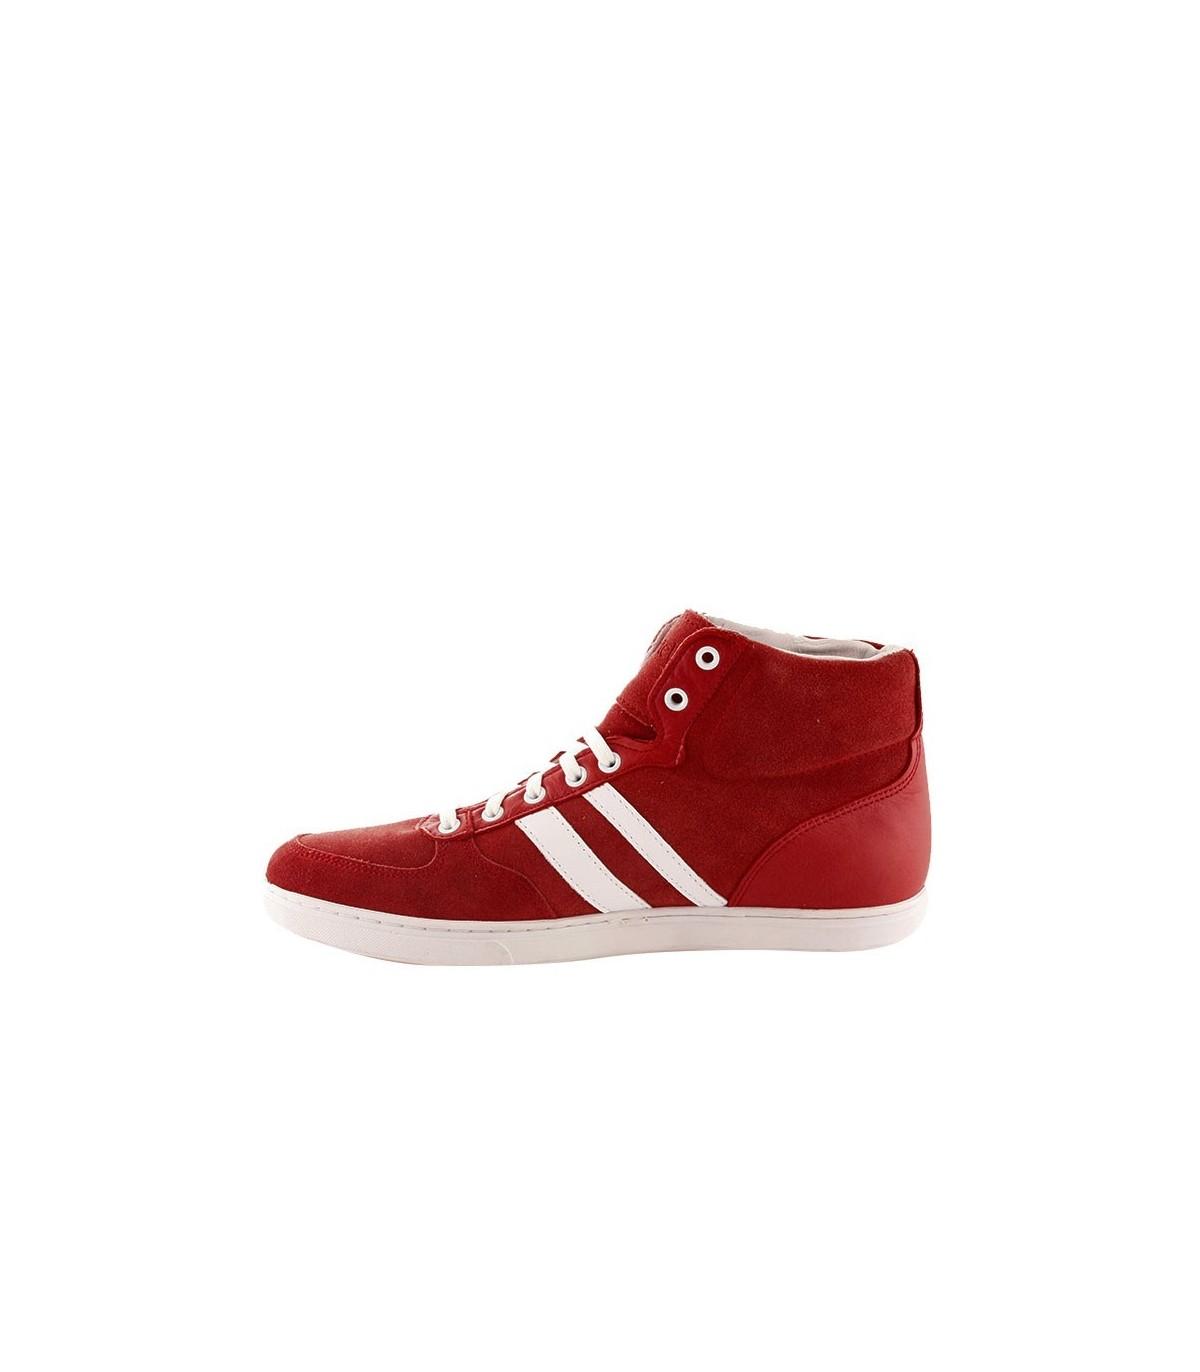 f5fca9271ac Zapatillas botitas rojas